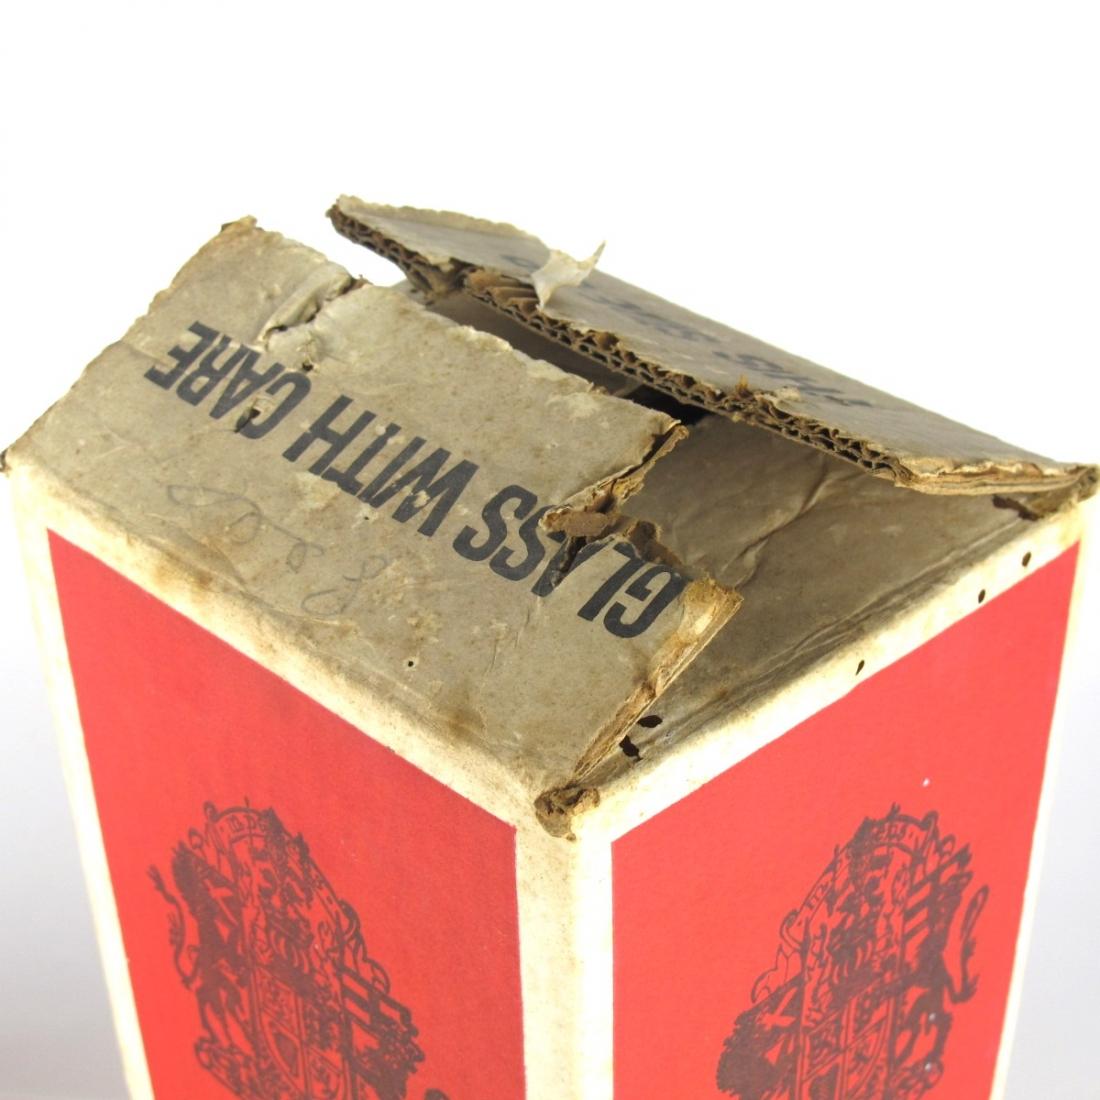 Haig Gold Label 2 Litre 1960s